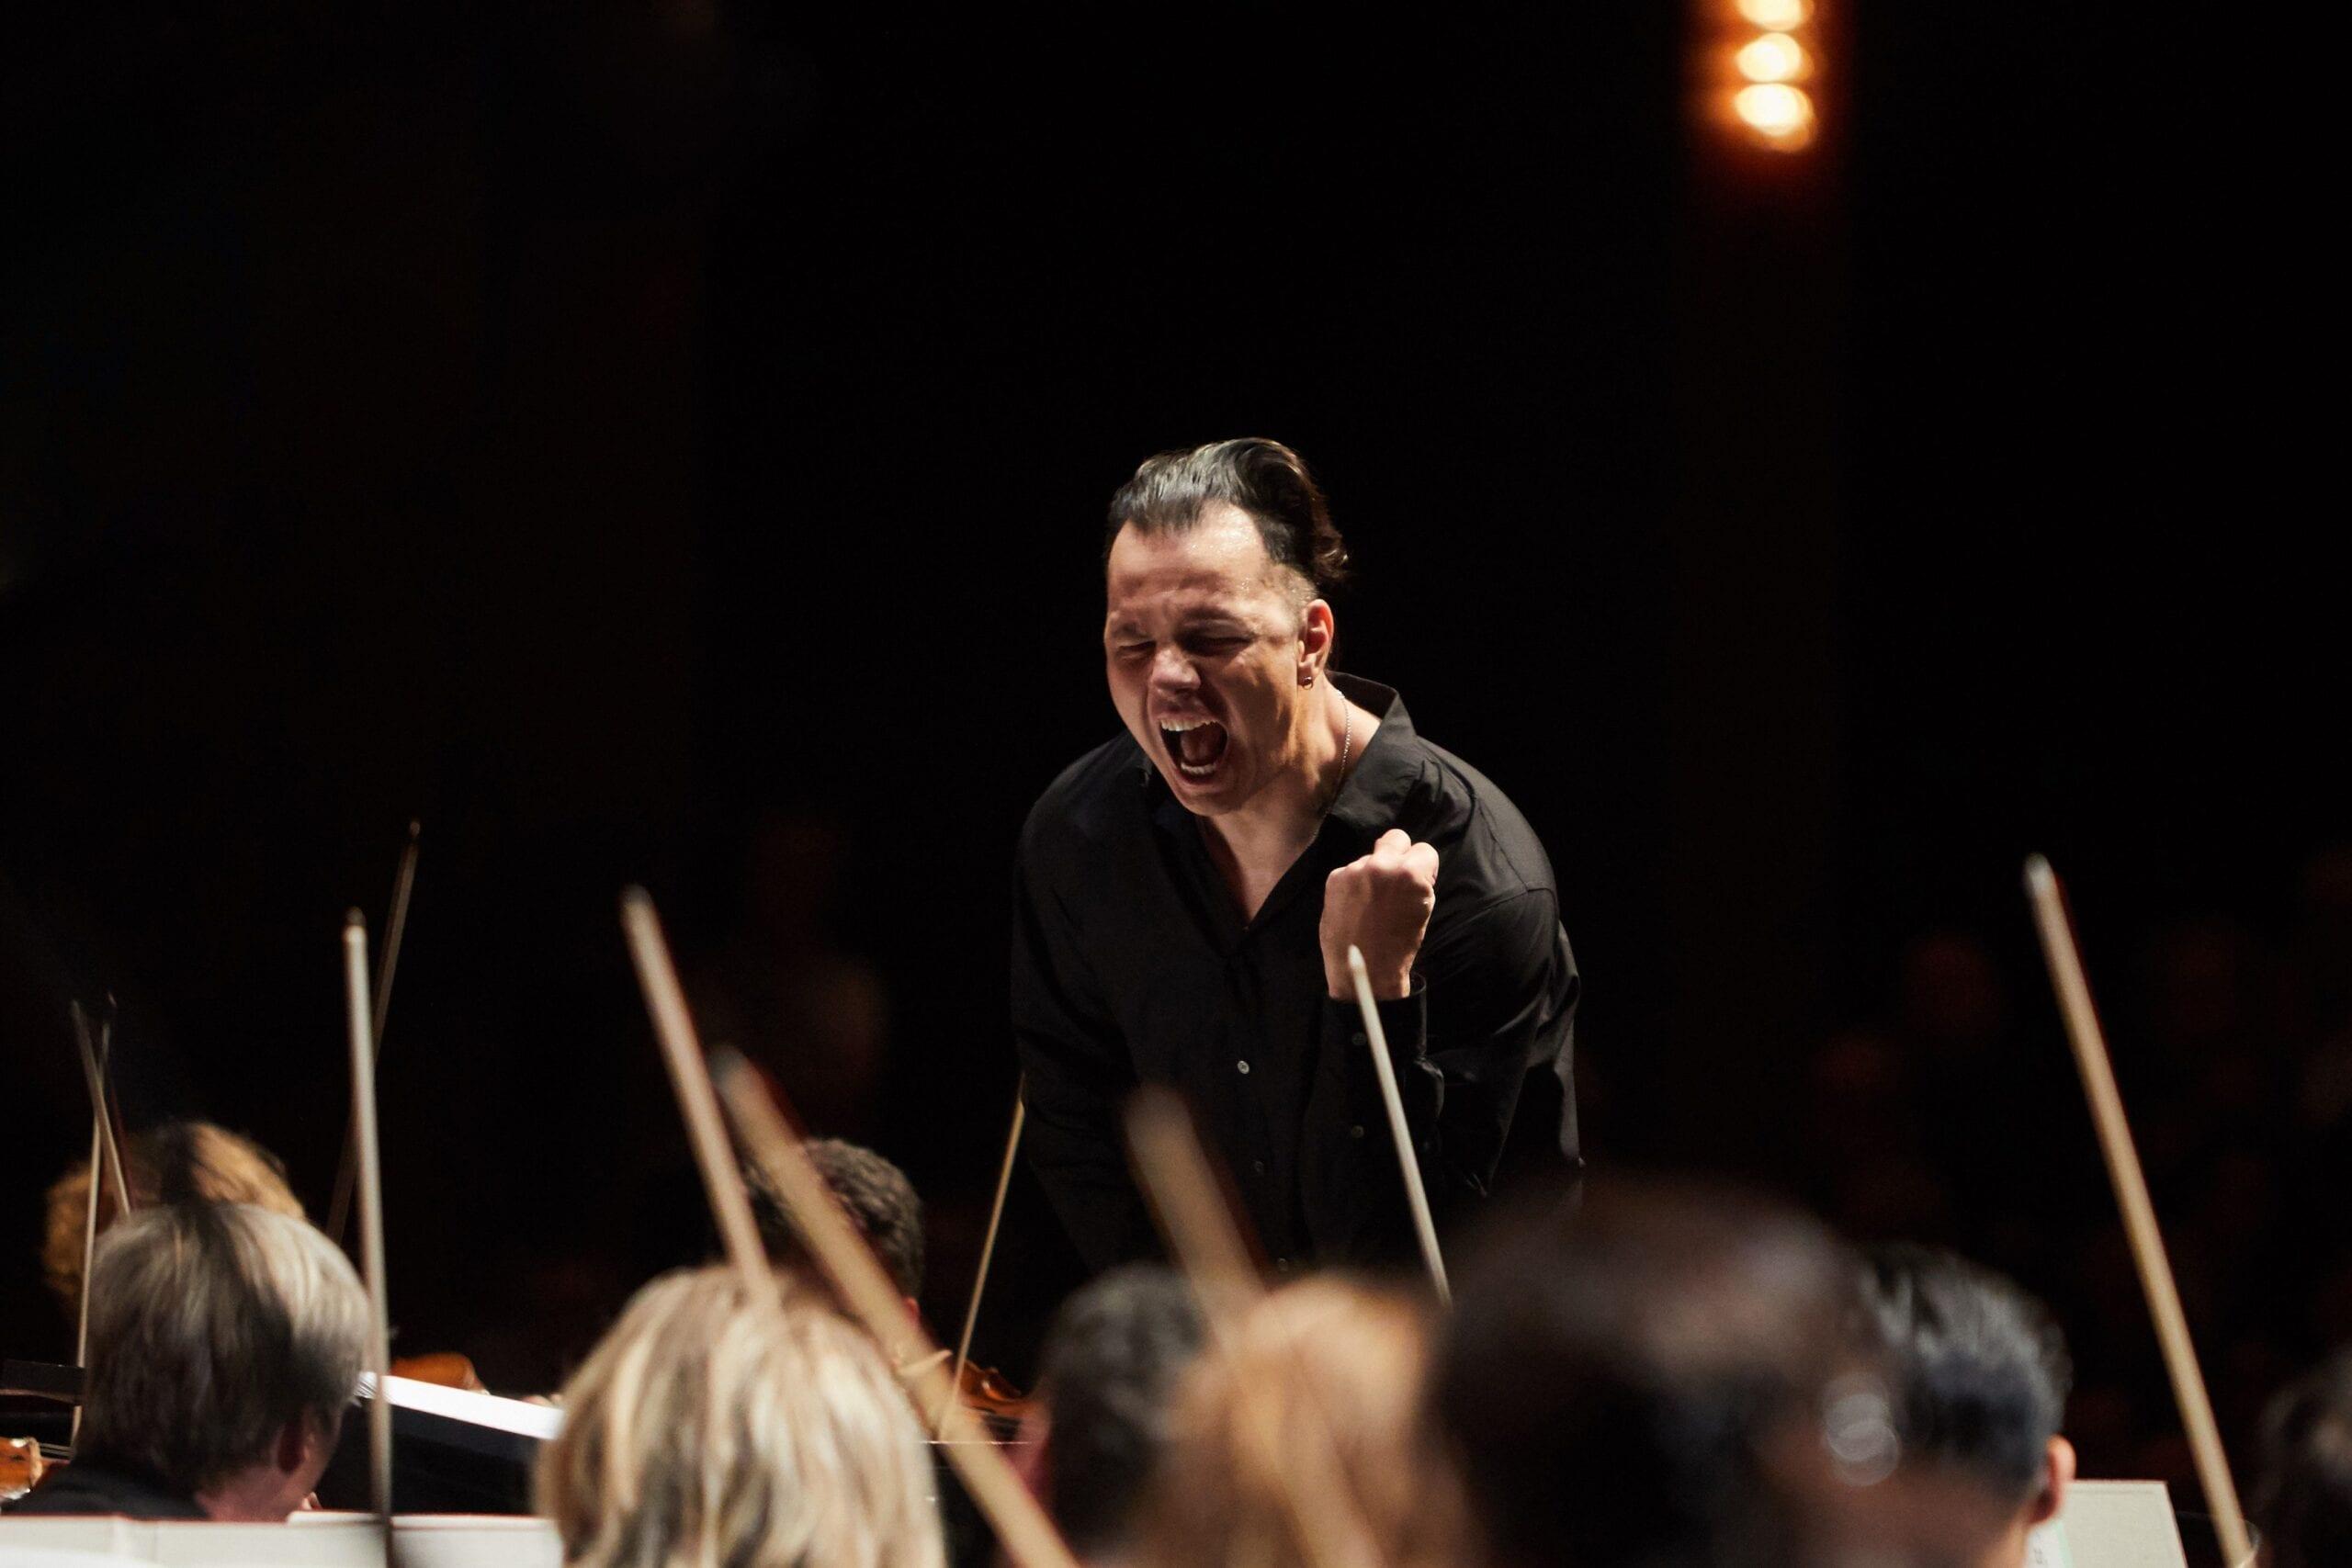 Запись лучших выступлений Теодора Курентзиса и musicAeterna для фестиваля «Оркестр года» можно посмотреть онлайн